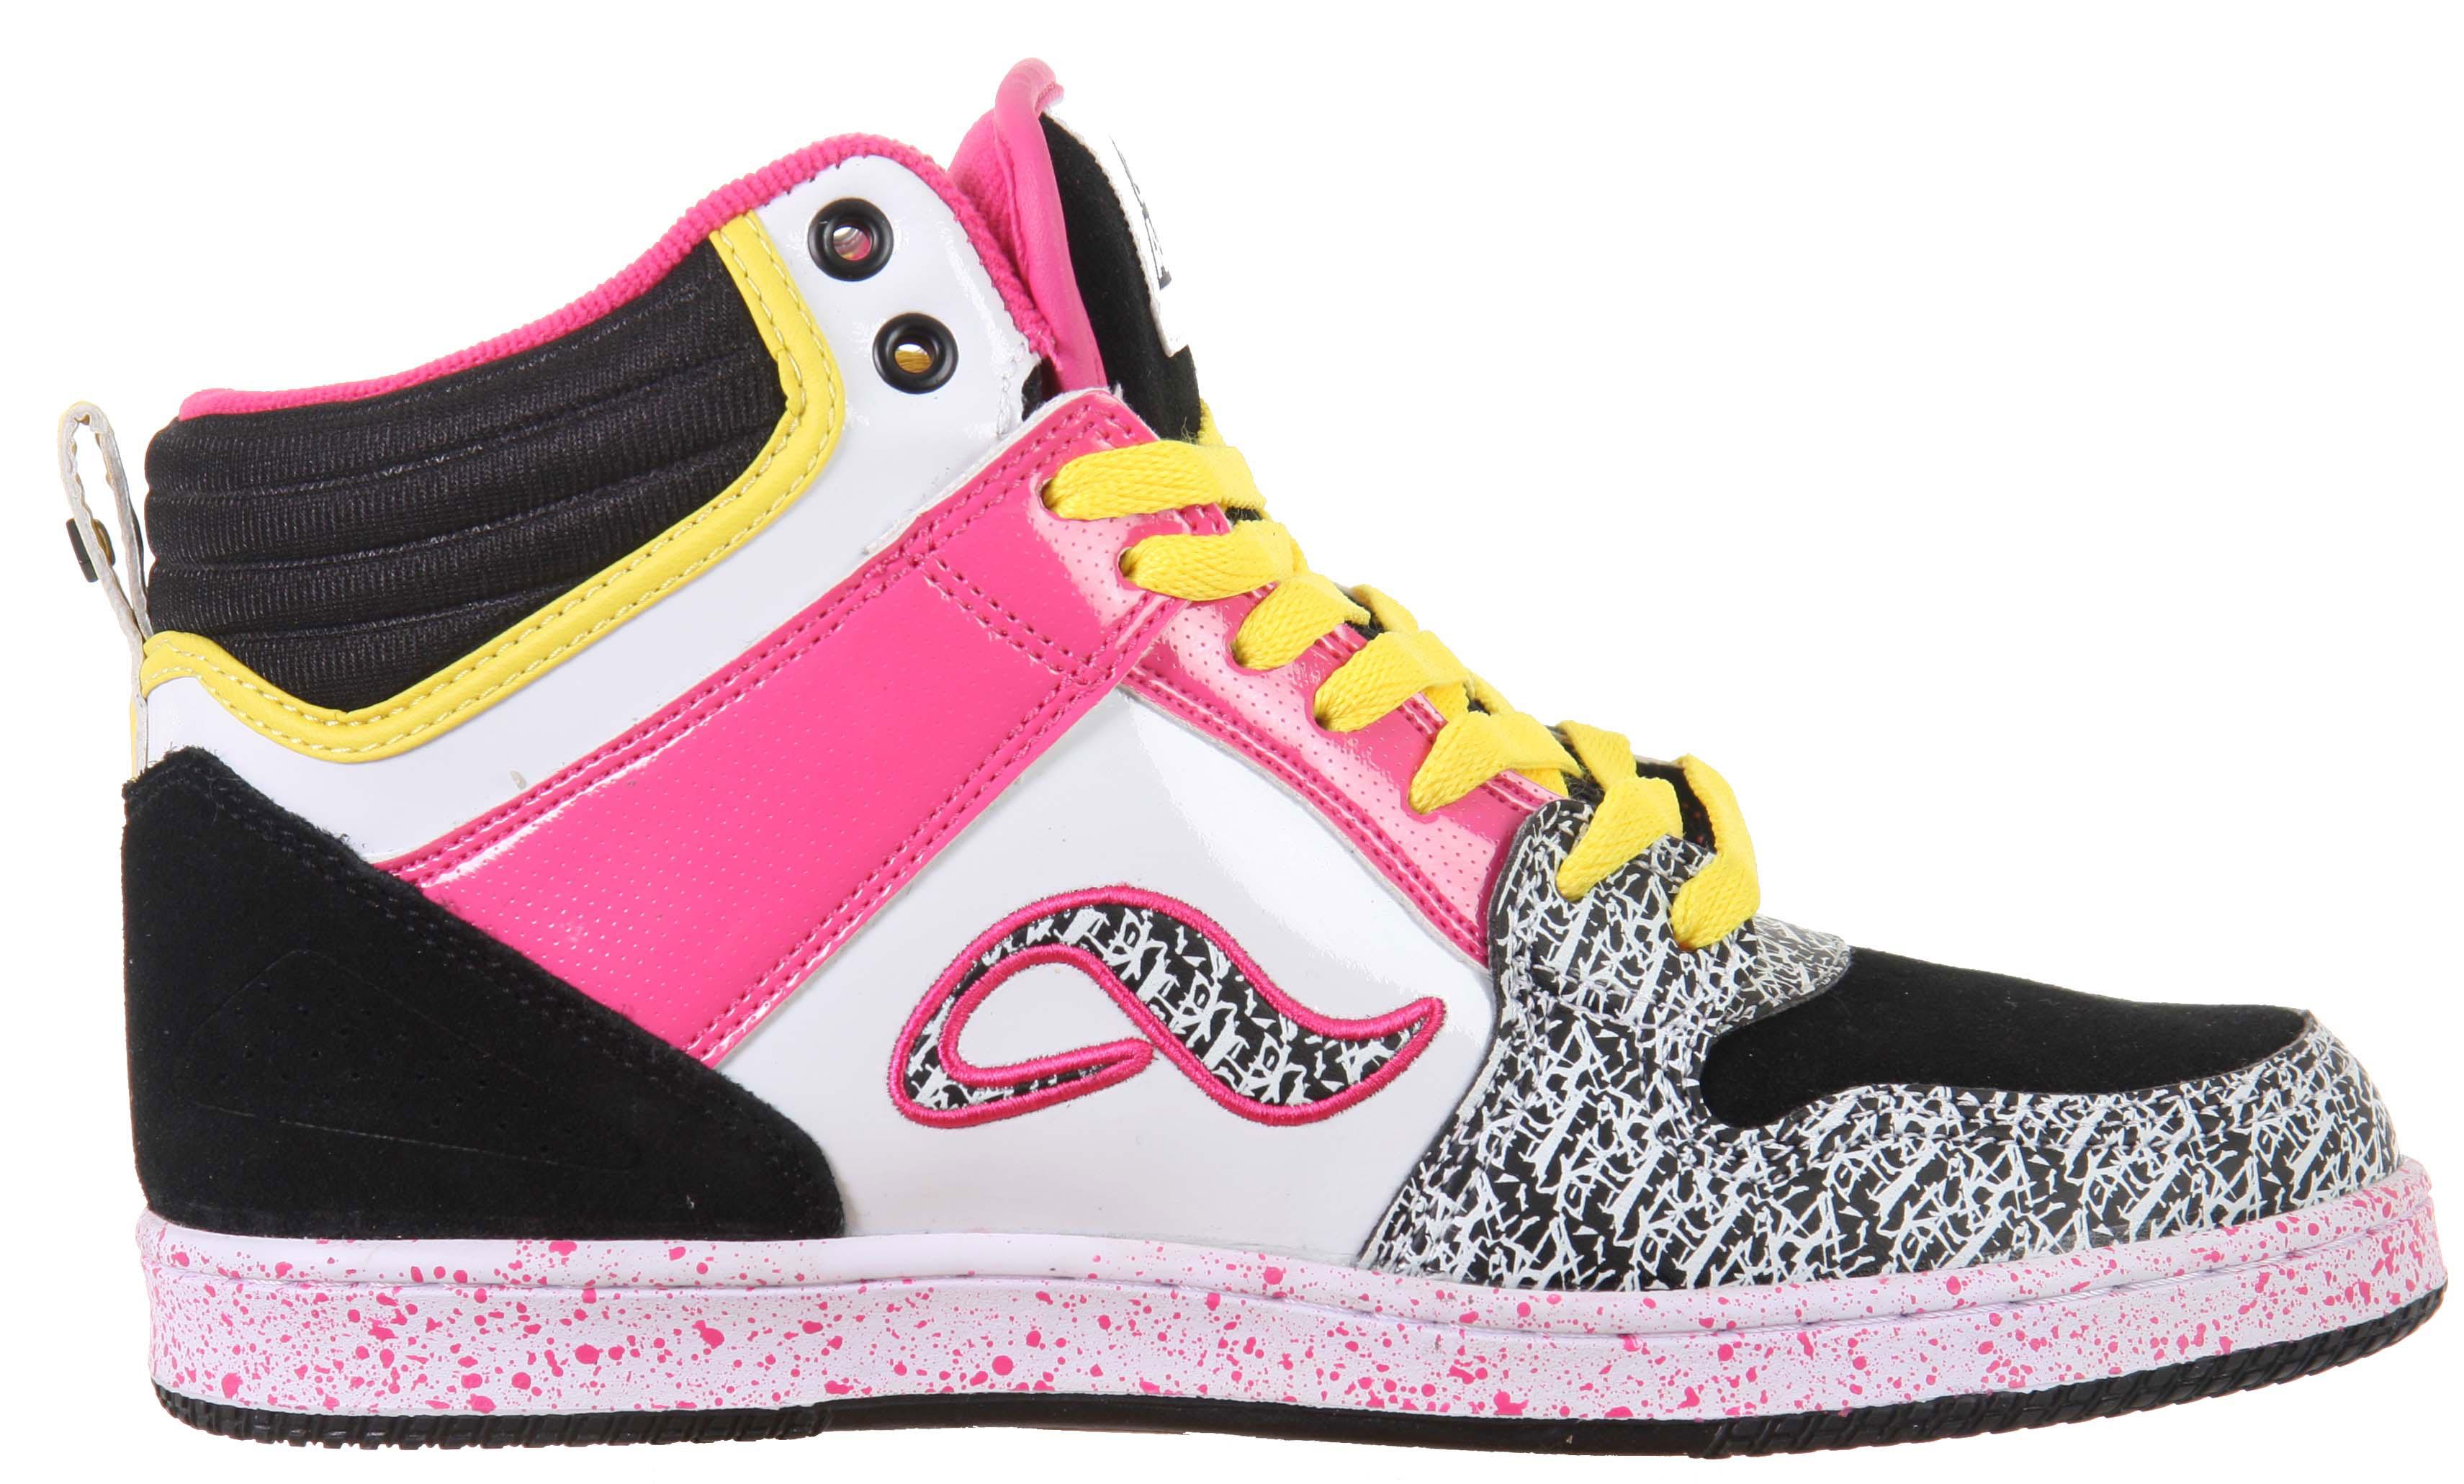 Adio Hamilton Skate Shoes Women's Reviews & Sale   trusnow.com